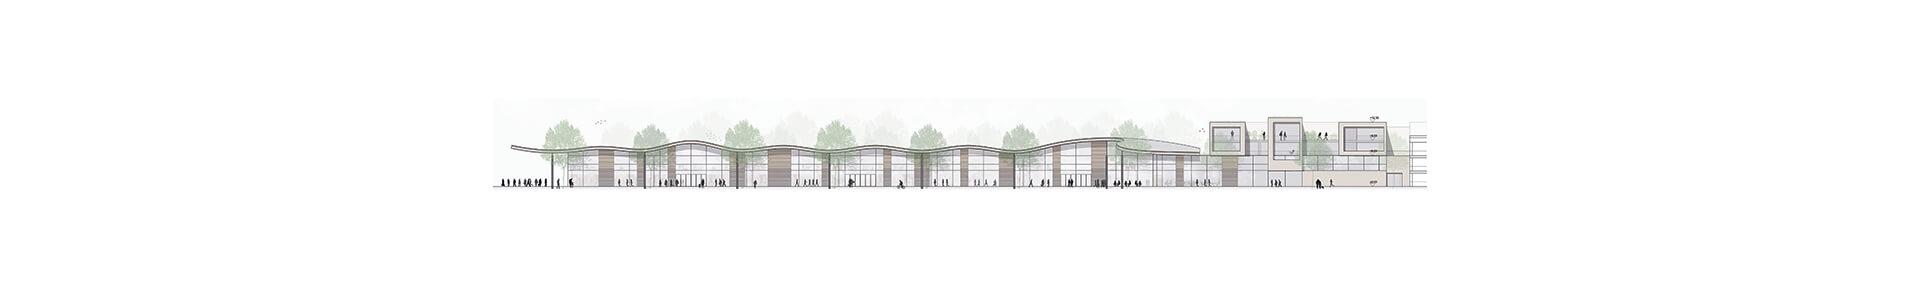 Rheda Wiedenbrueck Fachmarktzentrum mit Wohnbebauung Anerkennung Leichtigkeit Aussen